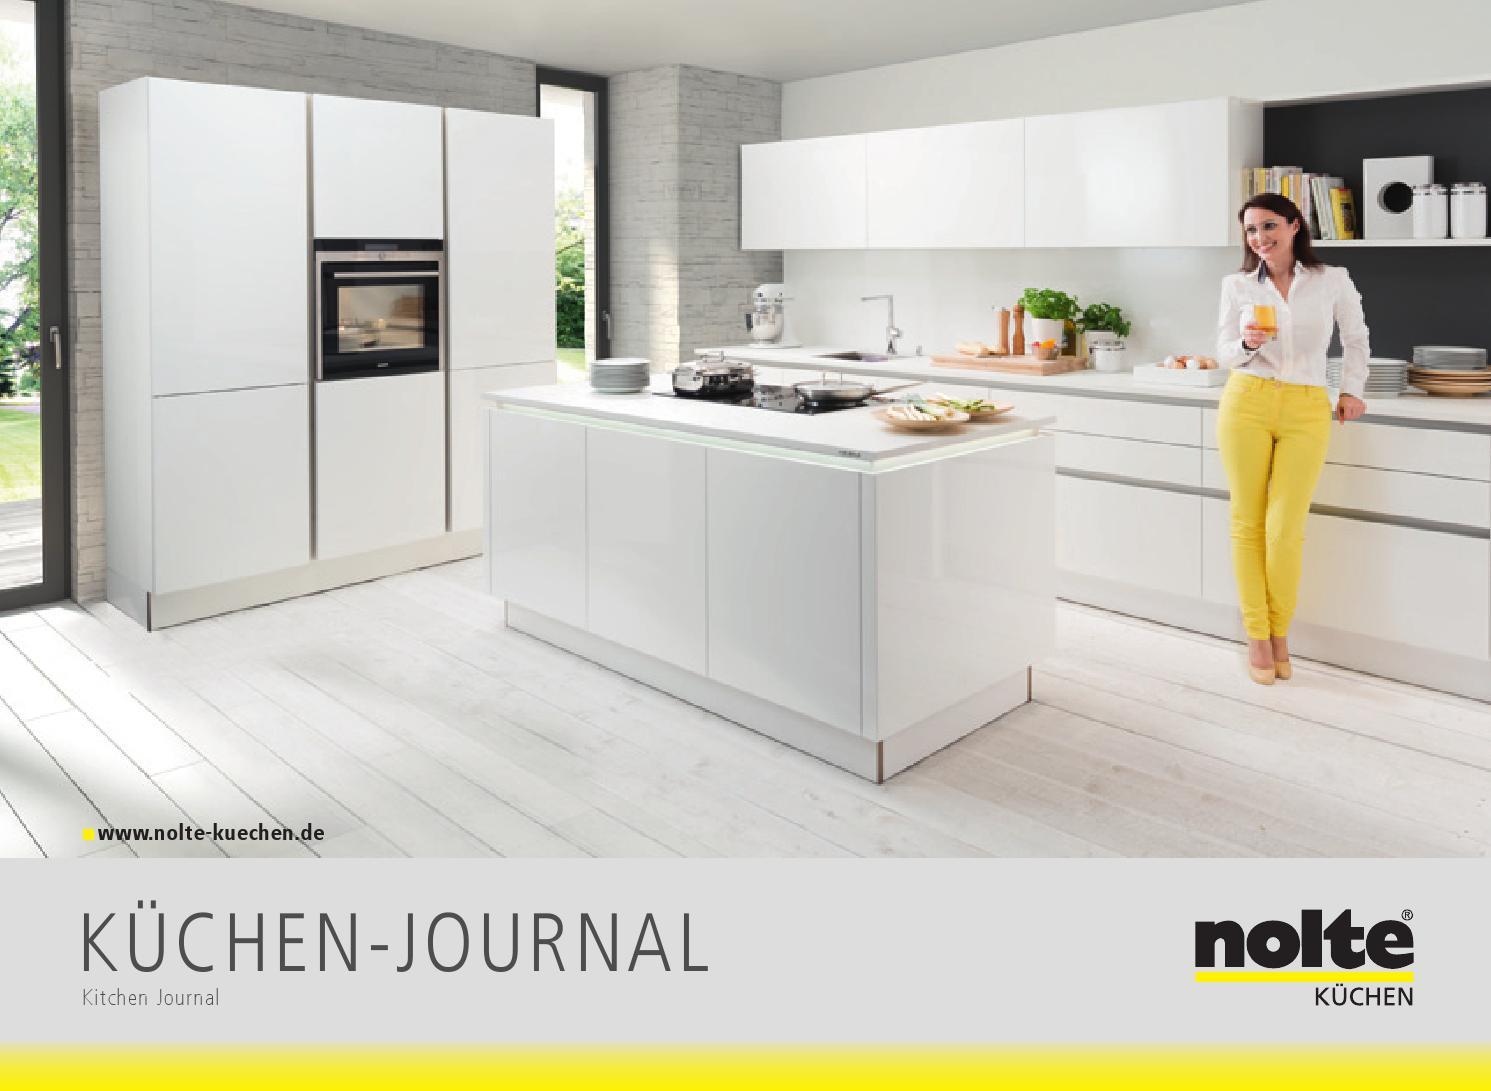 Full Size of Meyer Nolte Kchen Journal 2015 By Perspektive Werbeagentur Küche Arbeitsplatte Sideboard Mit Arbeitsplatten Wohnzimmer Java Schiefer Arbeitsplatte